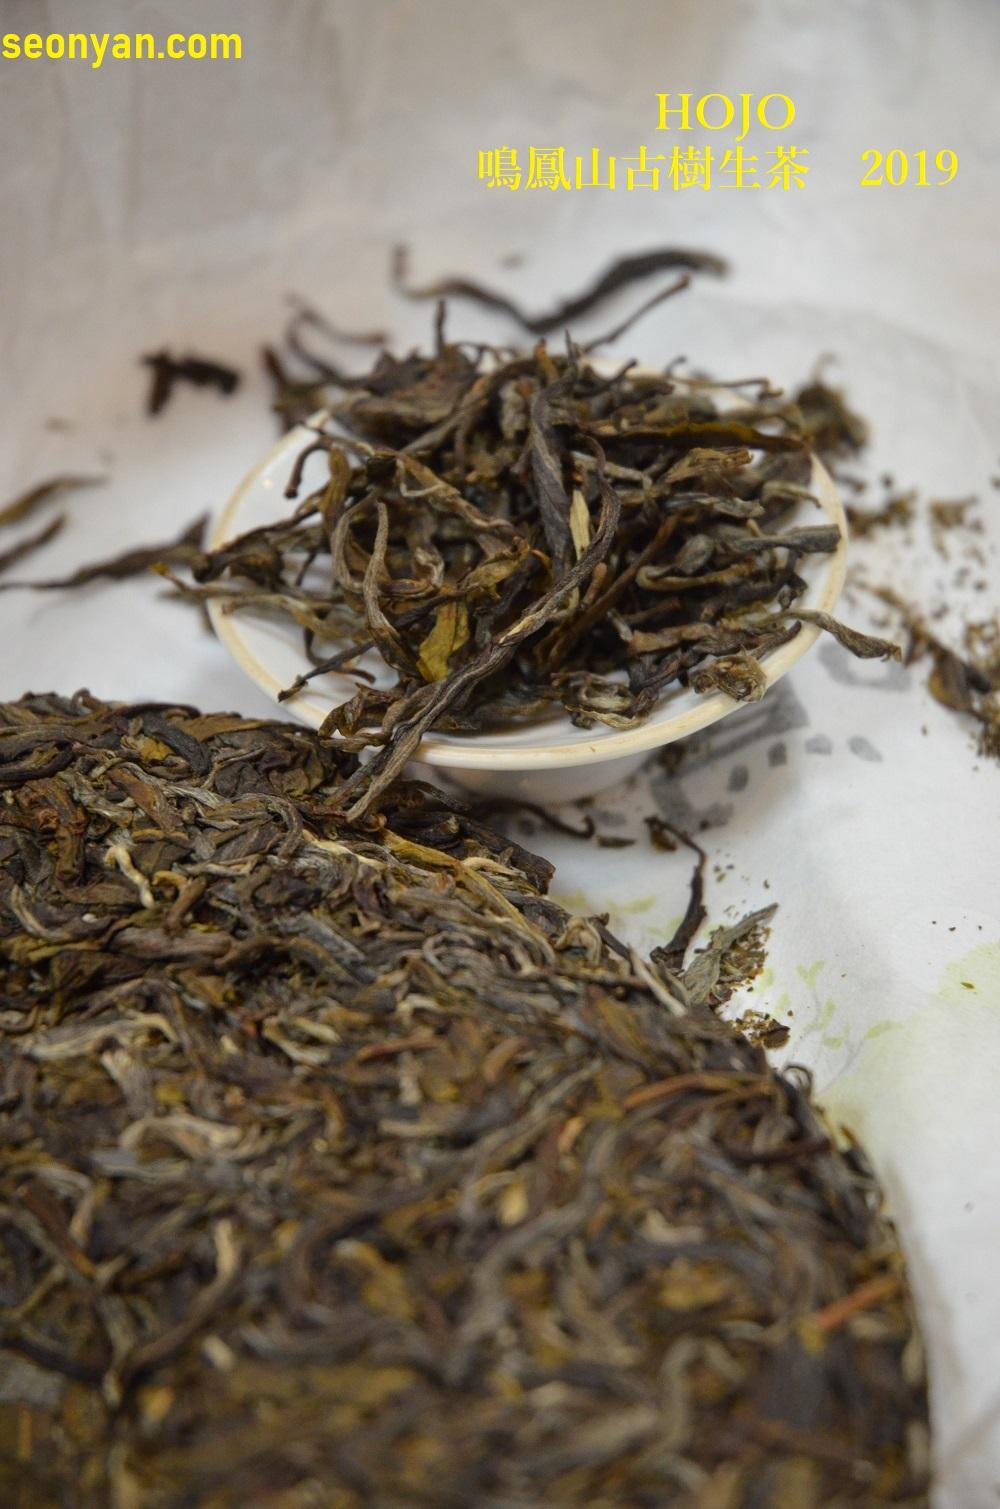 HOJOの鳴鳳山古樹生茶2019の茶葉画像1